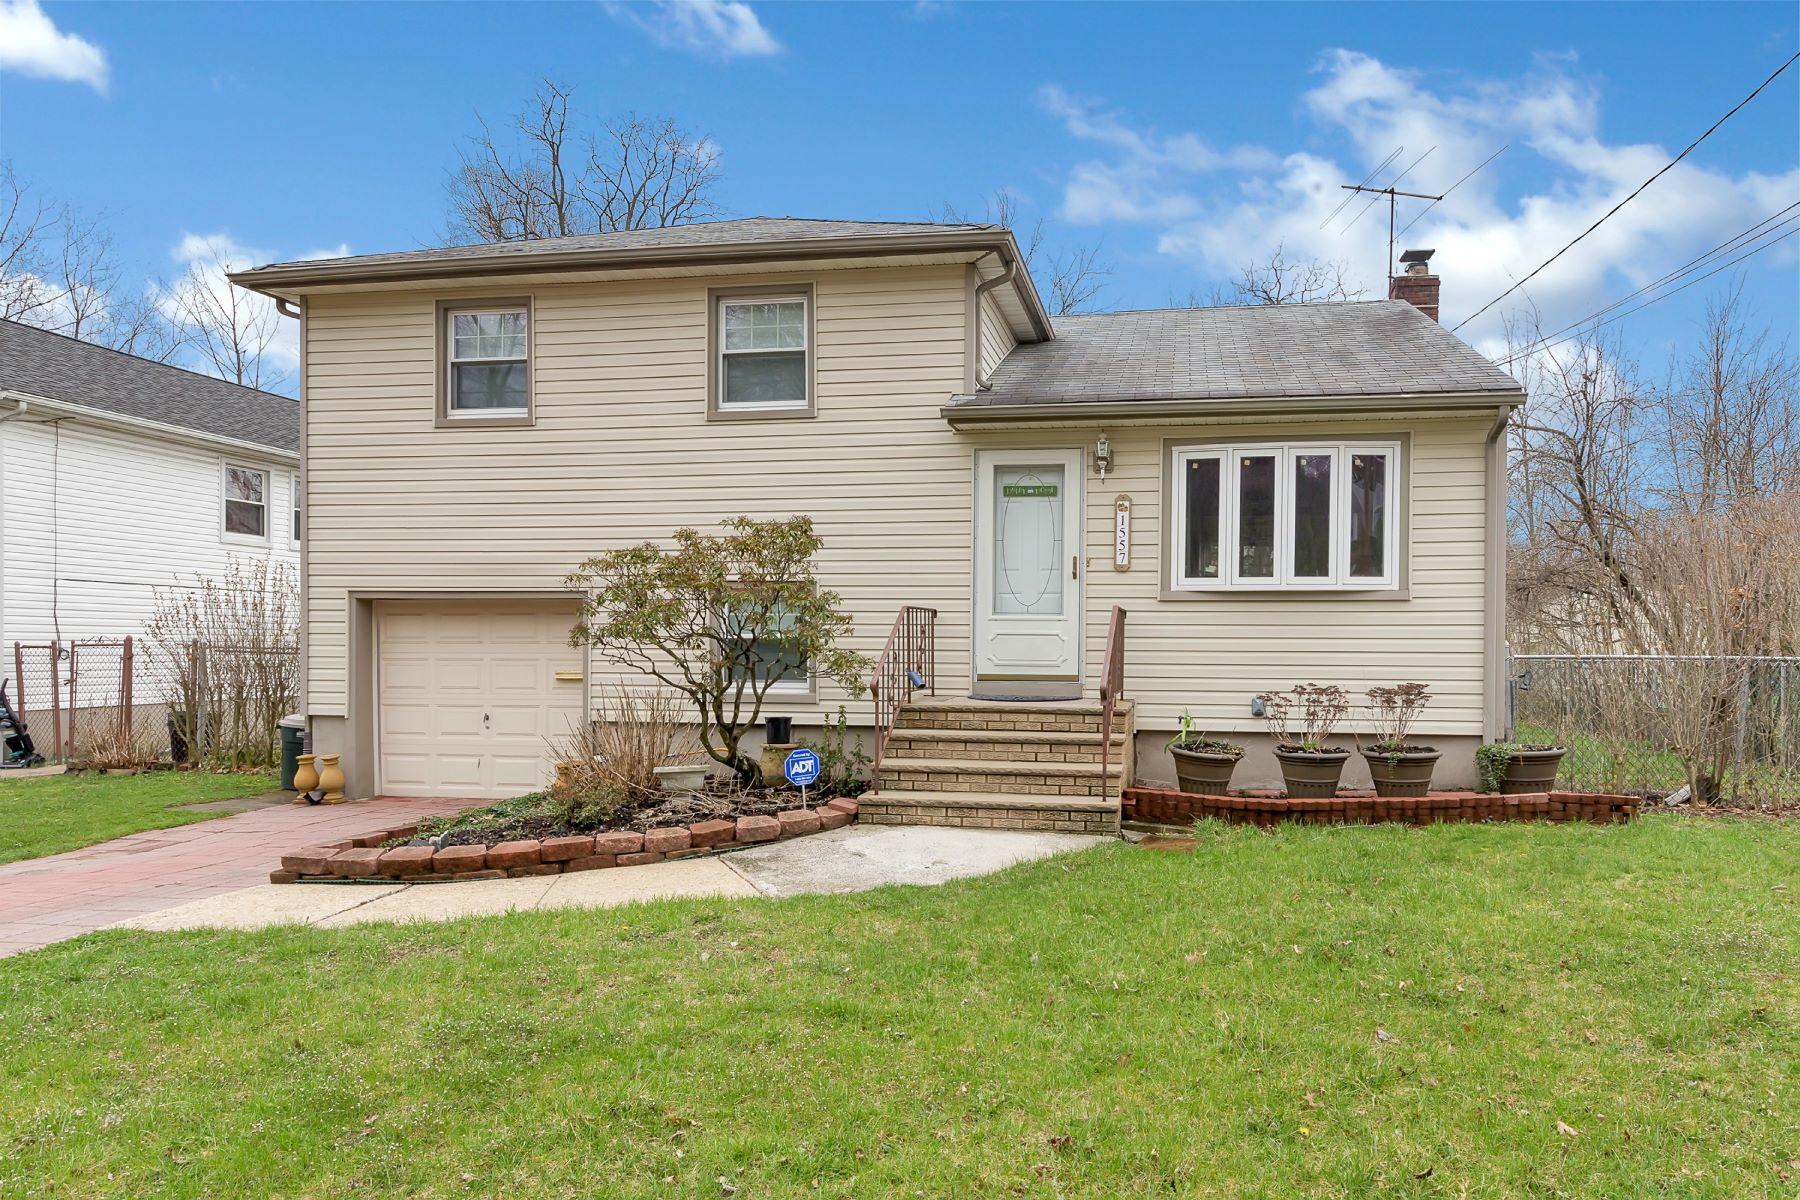 独户住宅 为 销售 在 Picture Perfect Home 1557 Everett Circle Union, 新泽西州 07083 美国